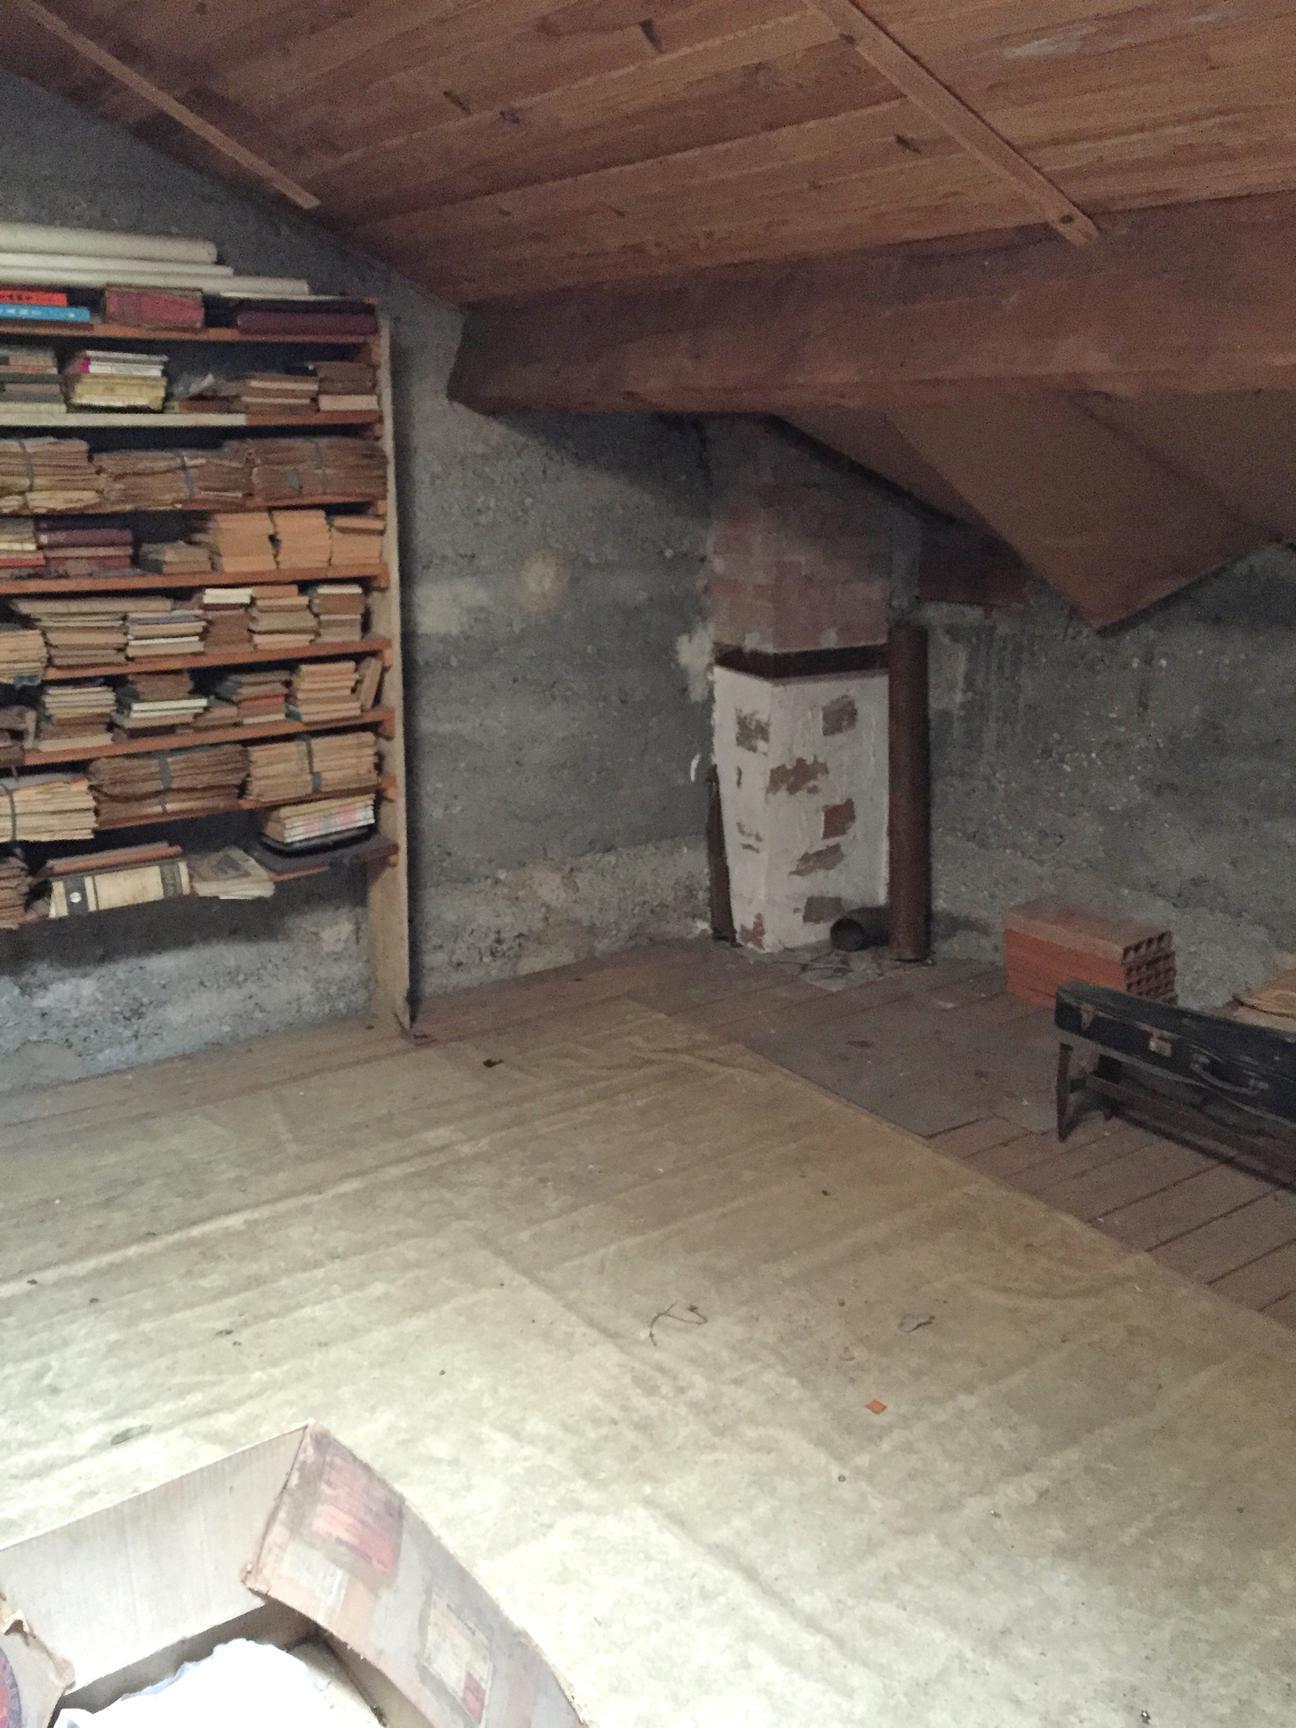 Vente maison frans maison frans 71m 01480 260 000 rsimmo - Taxe fonciere sur garage ...